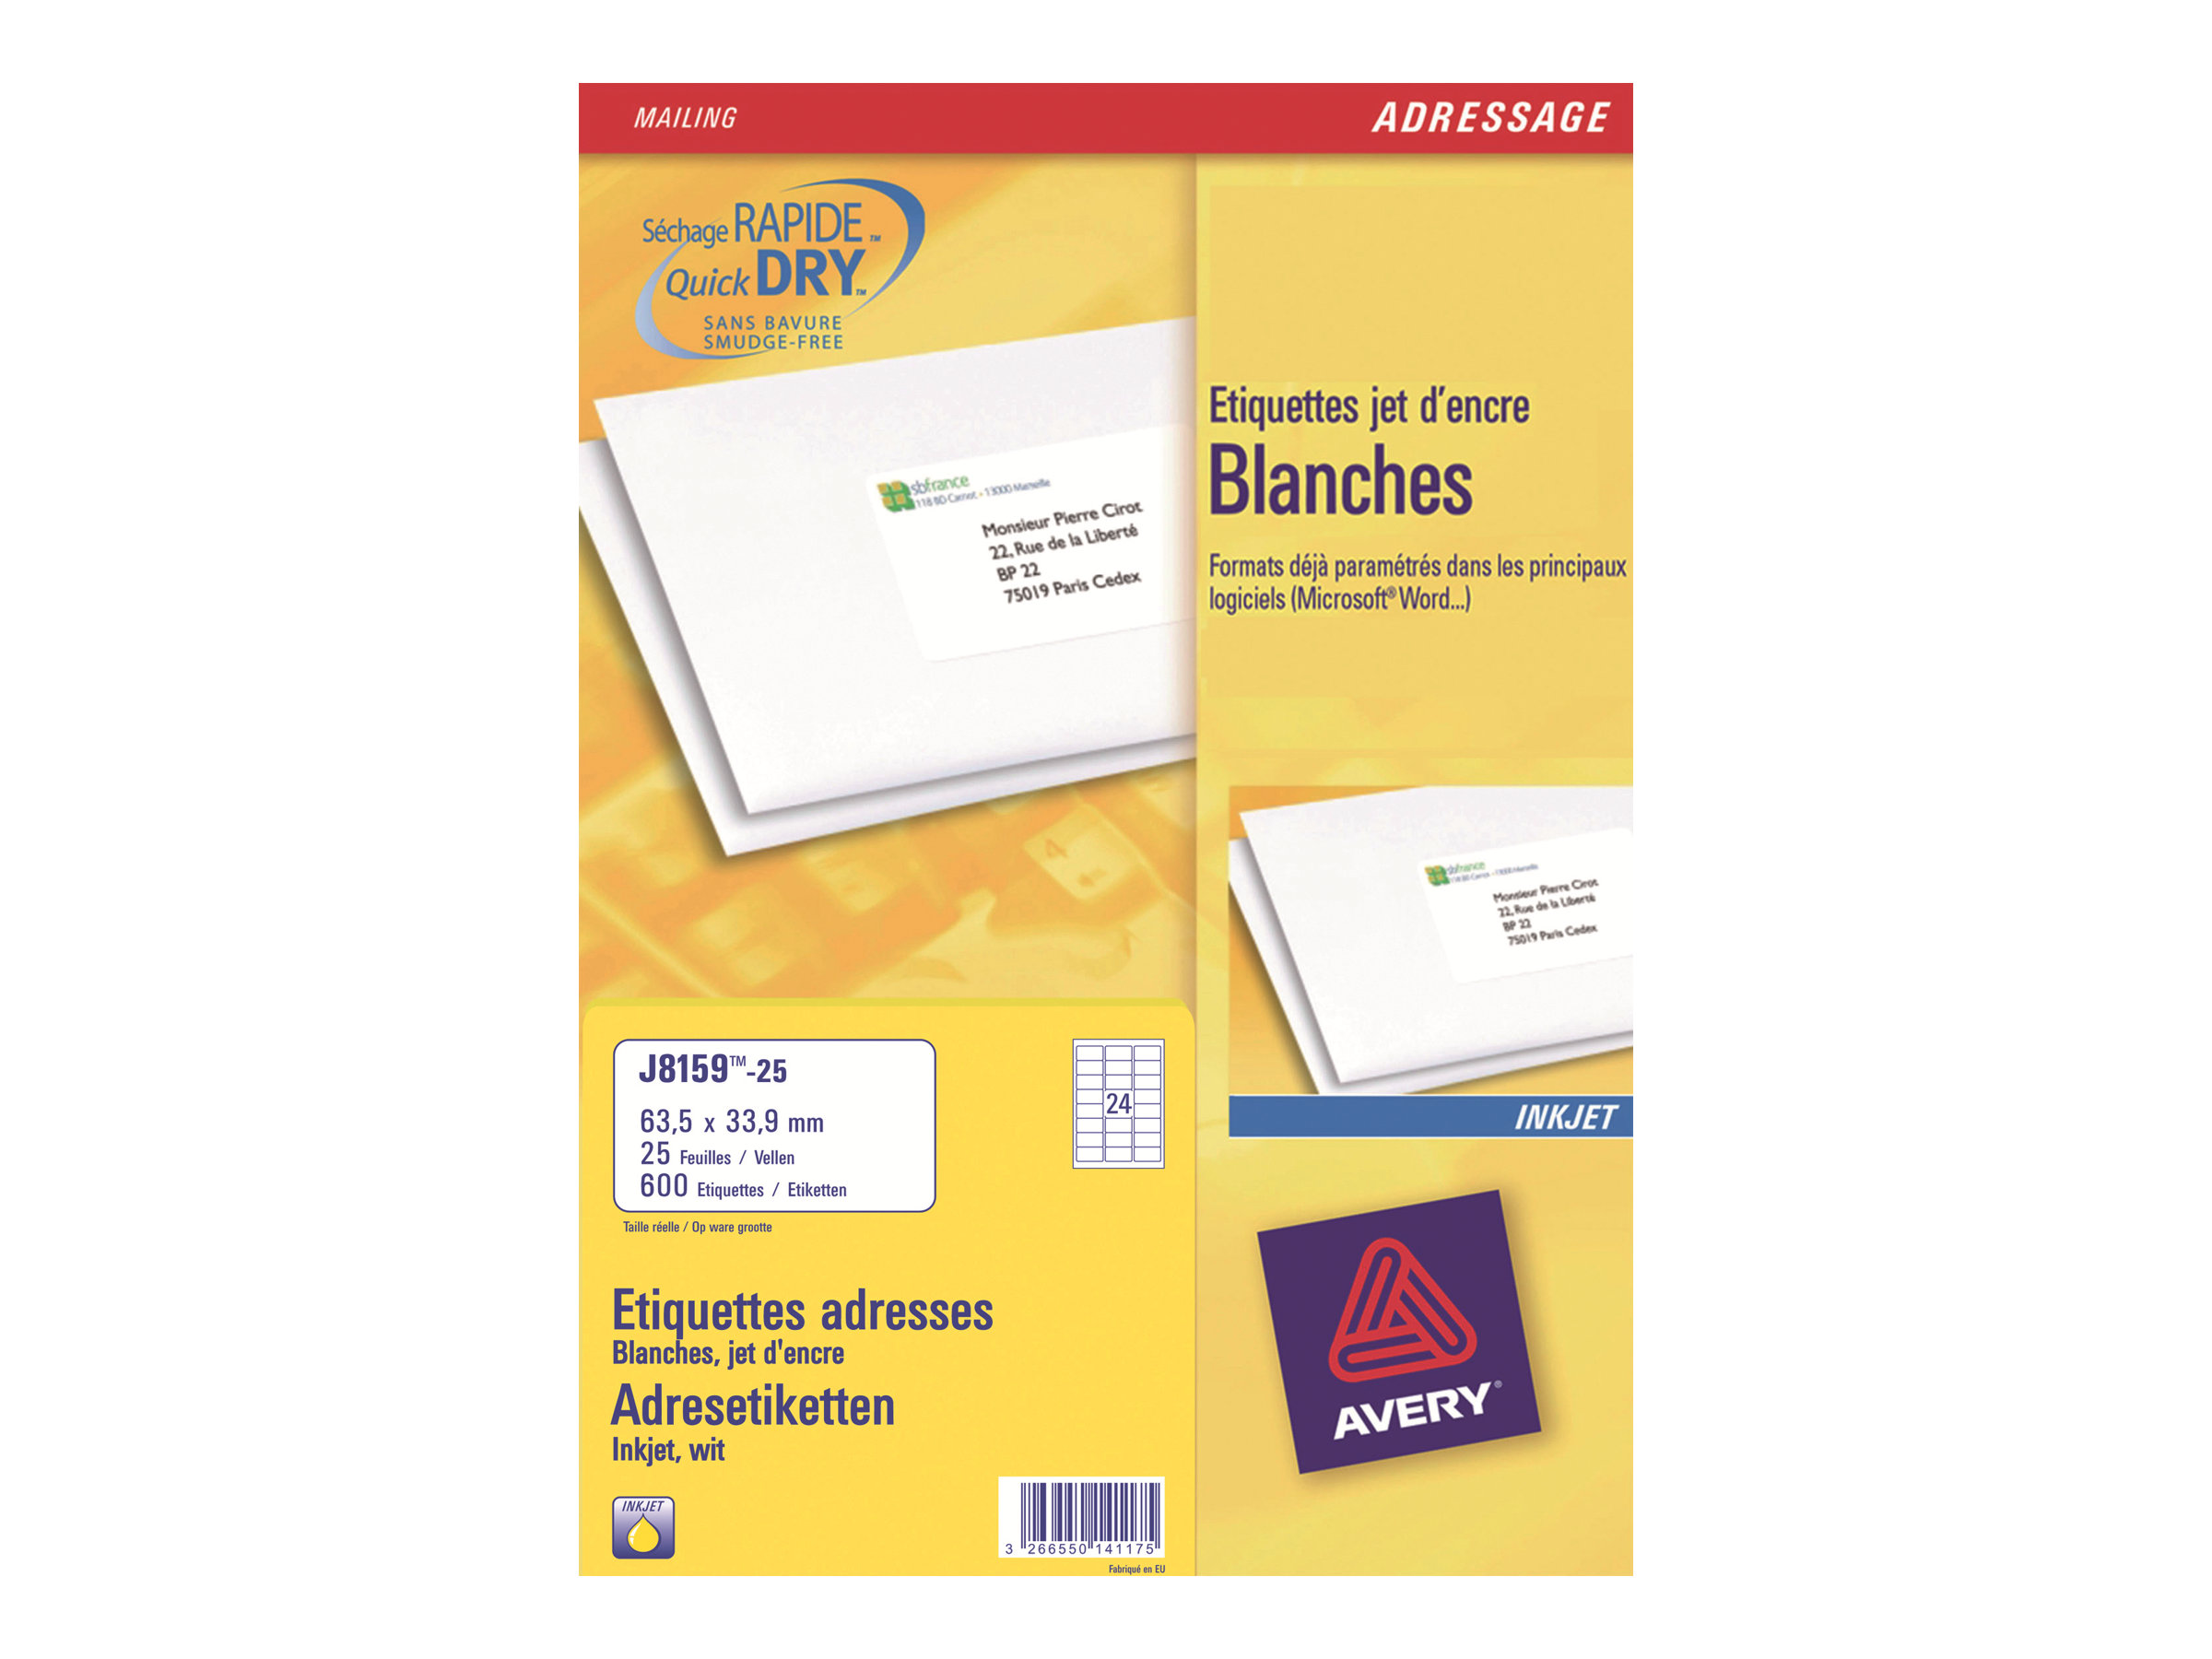 Avery Zweckform  33.9 x 64 mm 600 Stck. (25 Bogen x 24)